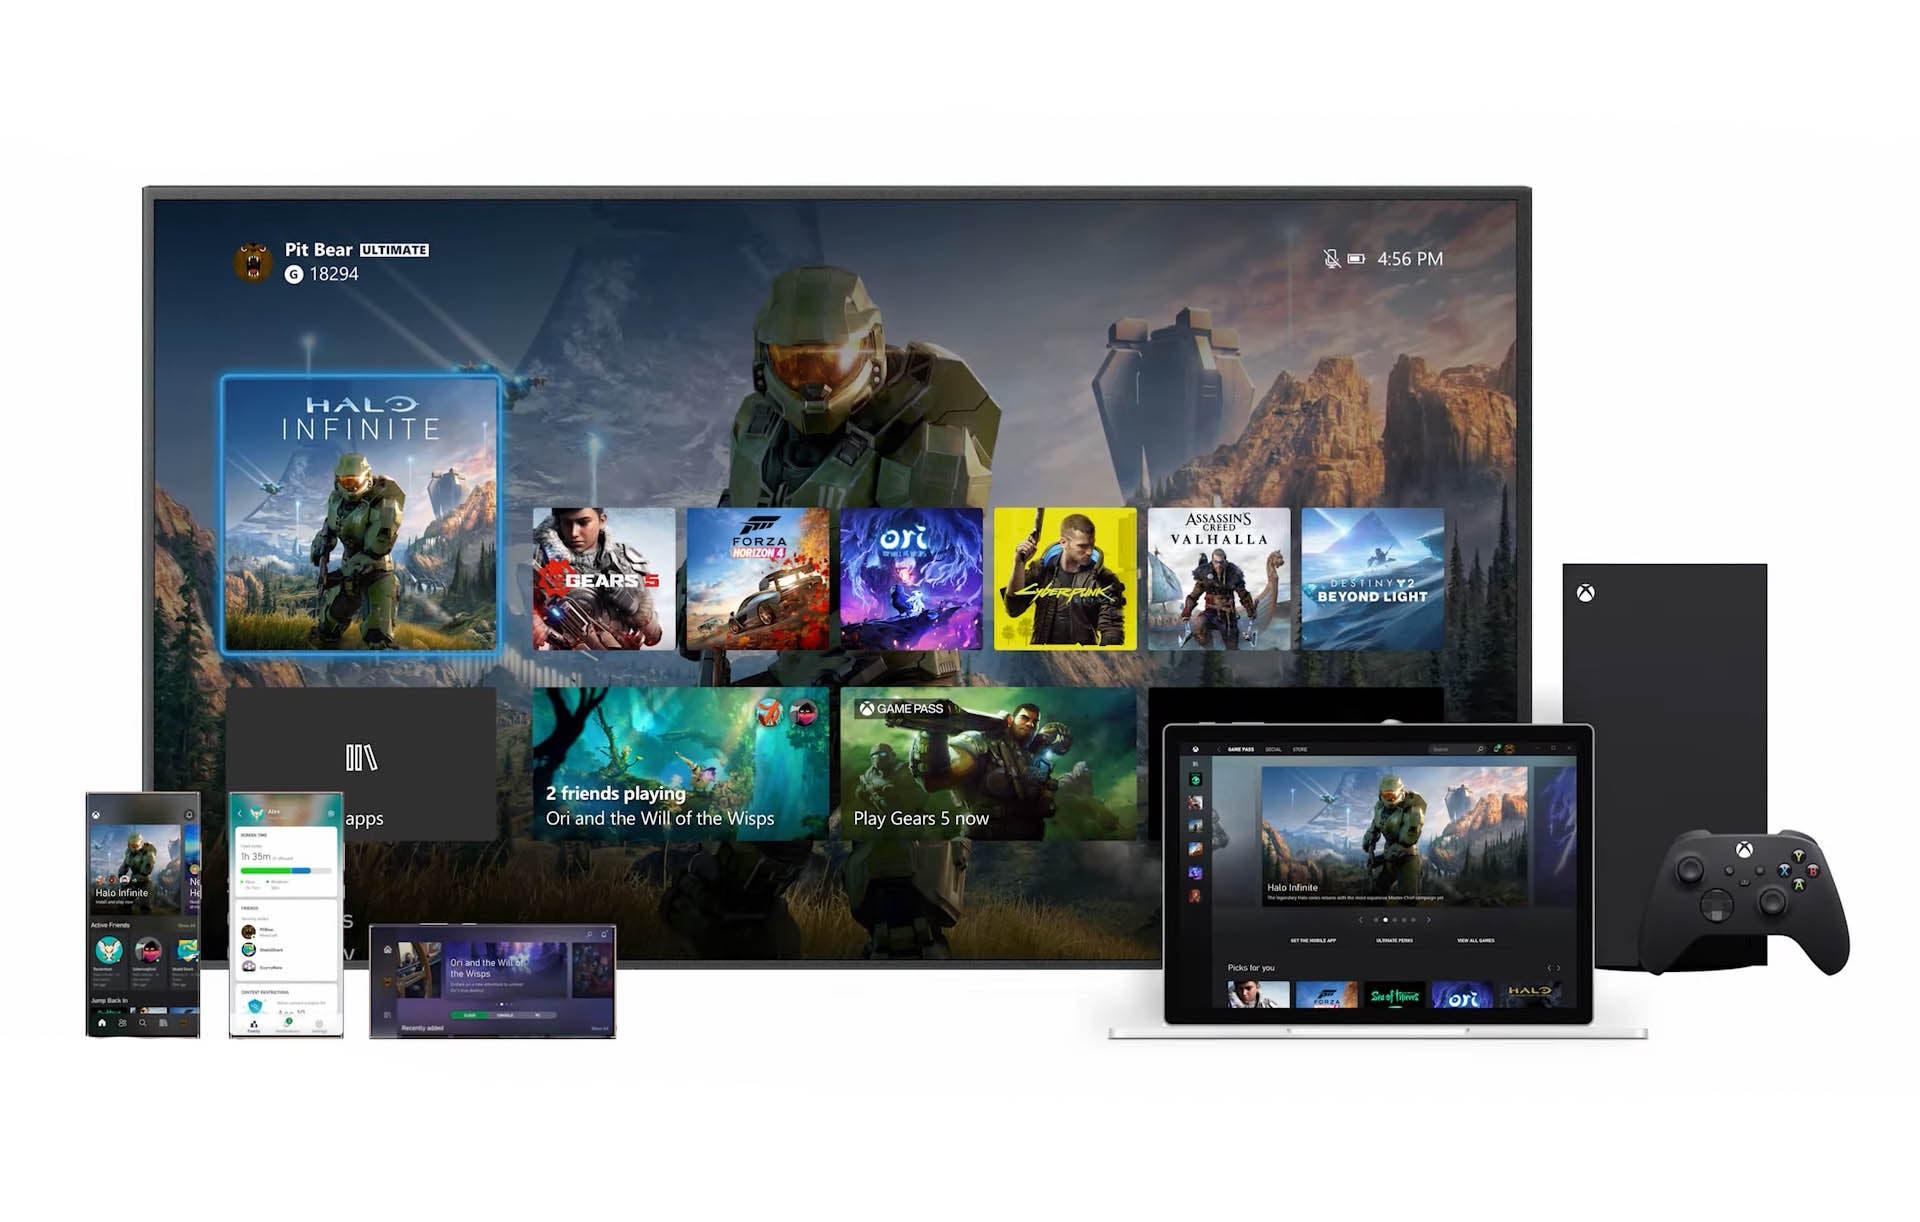 La resolución 1080p de la interfaz de Xbox Series X no es definitiva y podría actualizarse en el futuro 1